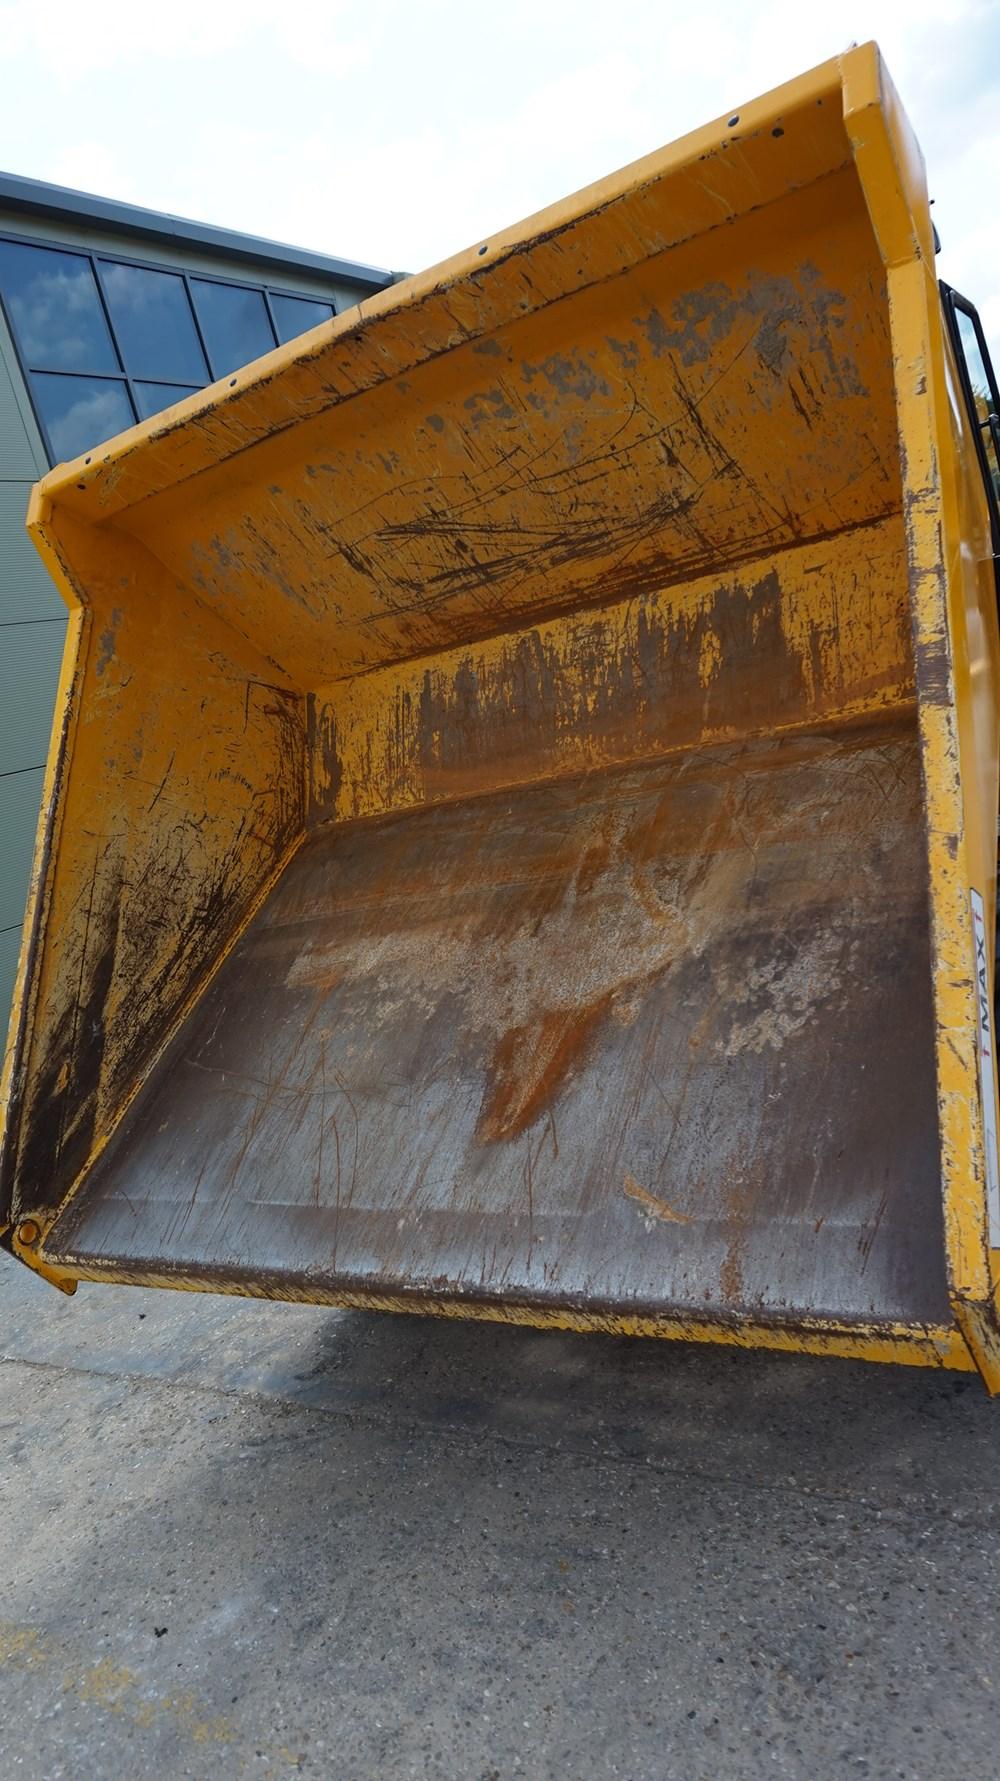 6T Front Tip Dumper-gall5